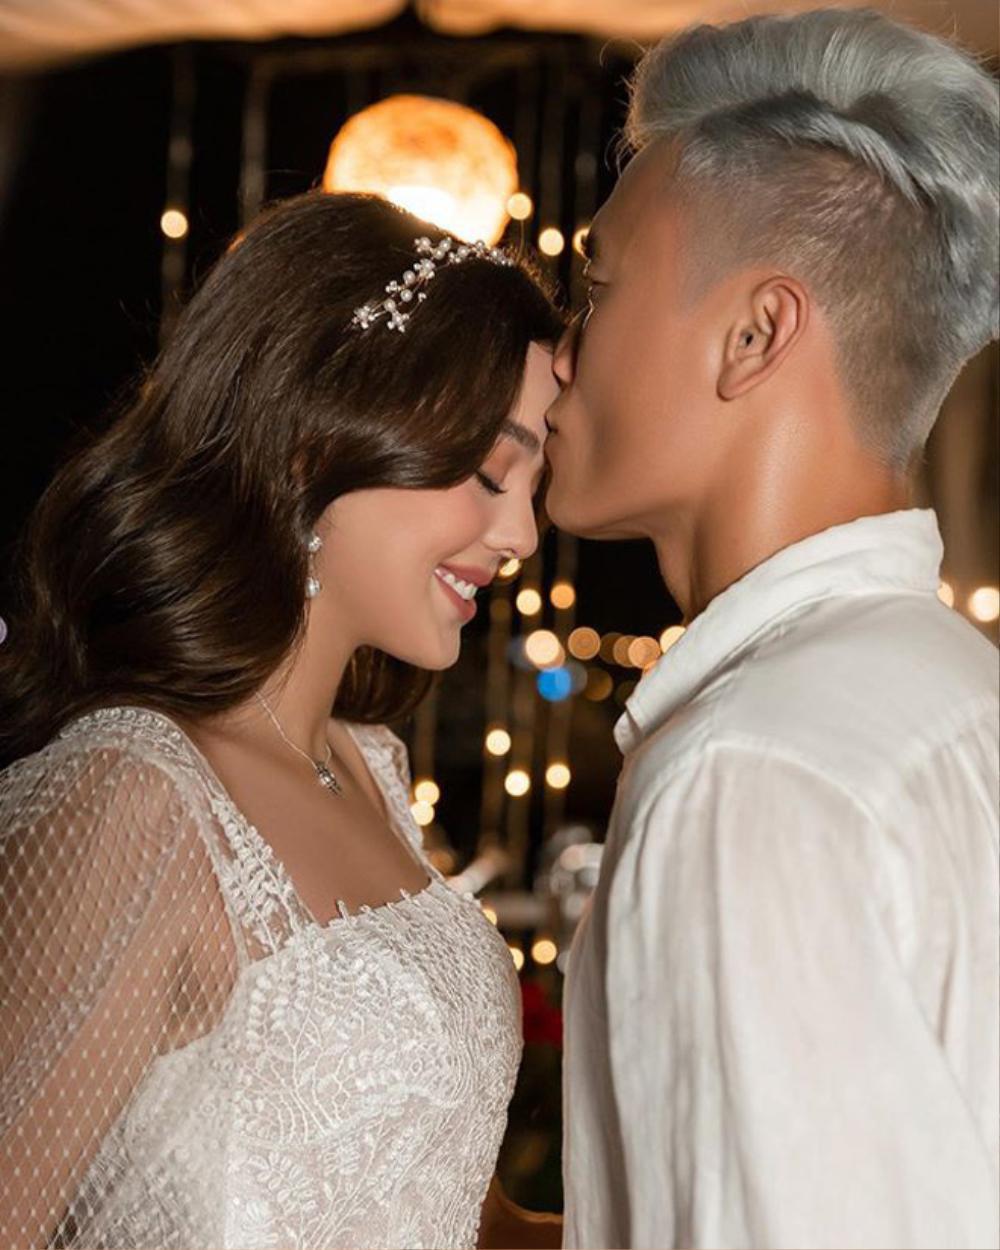 Vừa công khai, Bùi Tiến Dũng đã có ý định kết hôn cùng bạn gái ngoại quốc Ảnh 4